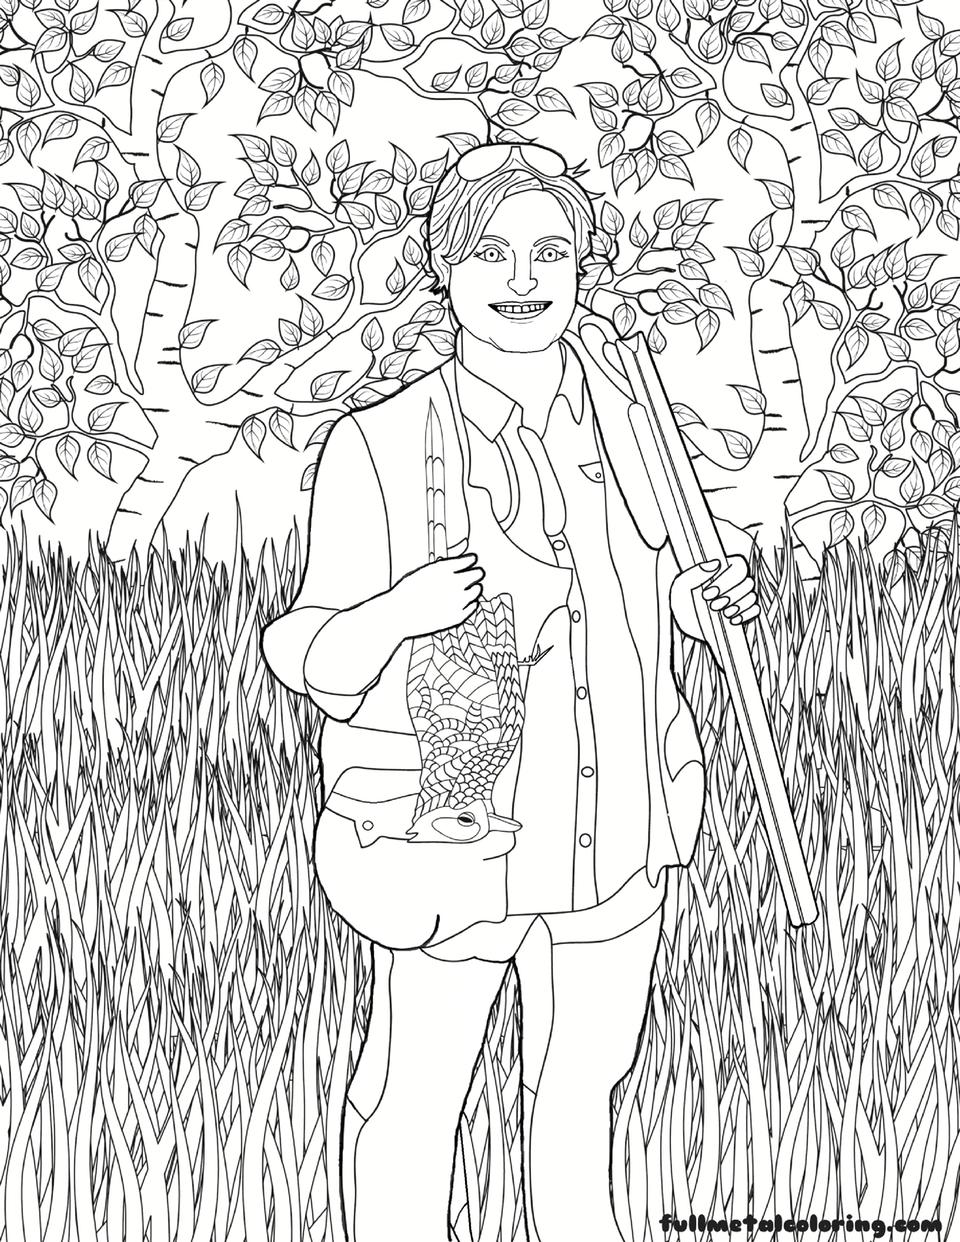 Michelle-Cerino-coloring-page Michelle Cerino